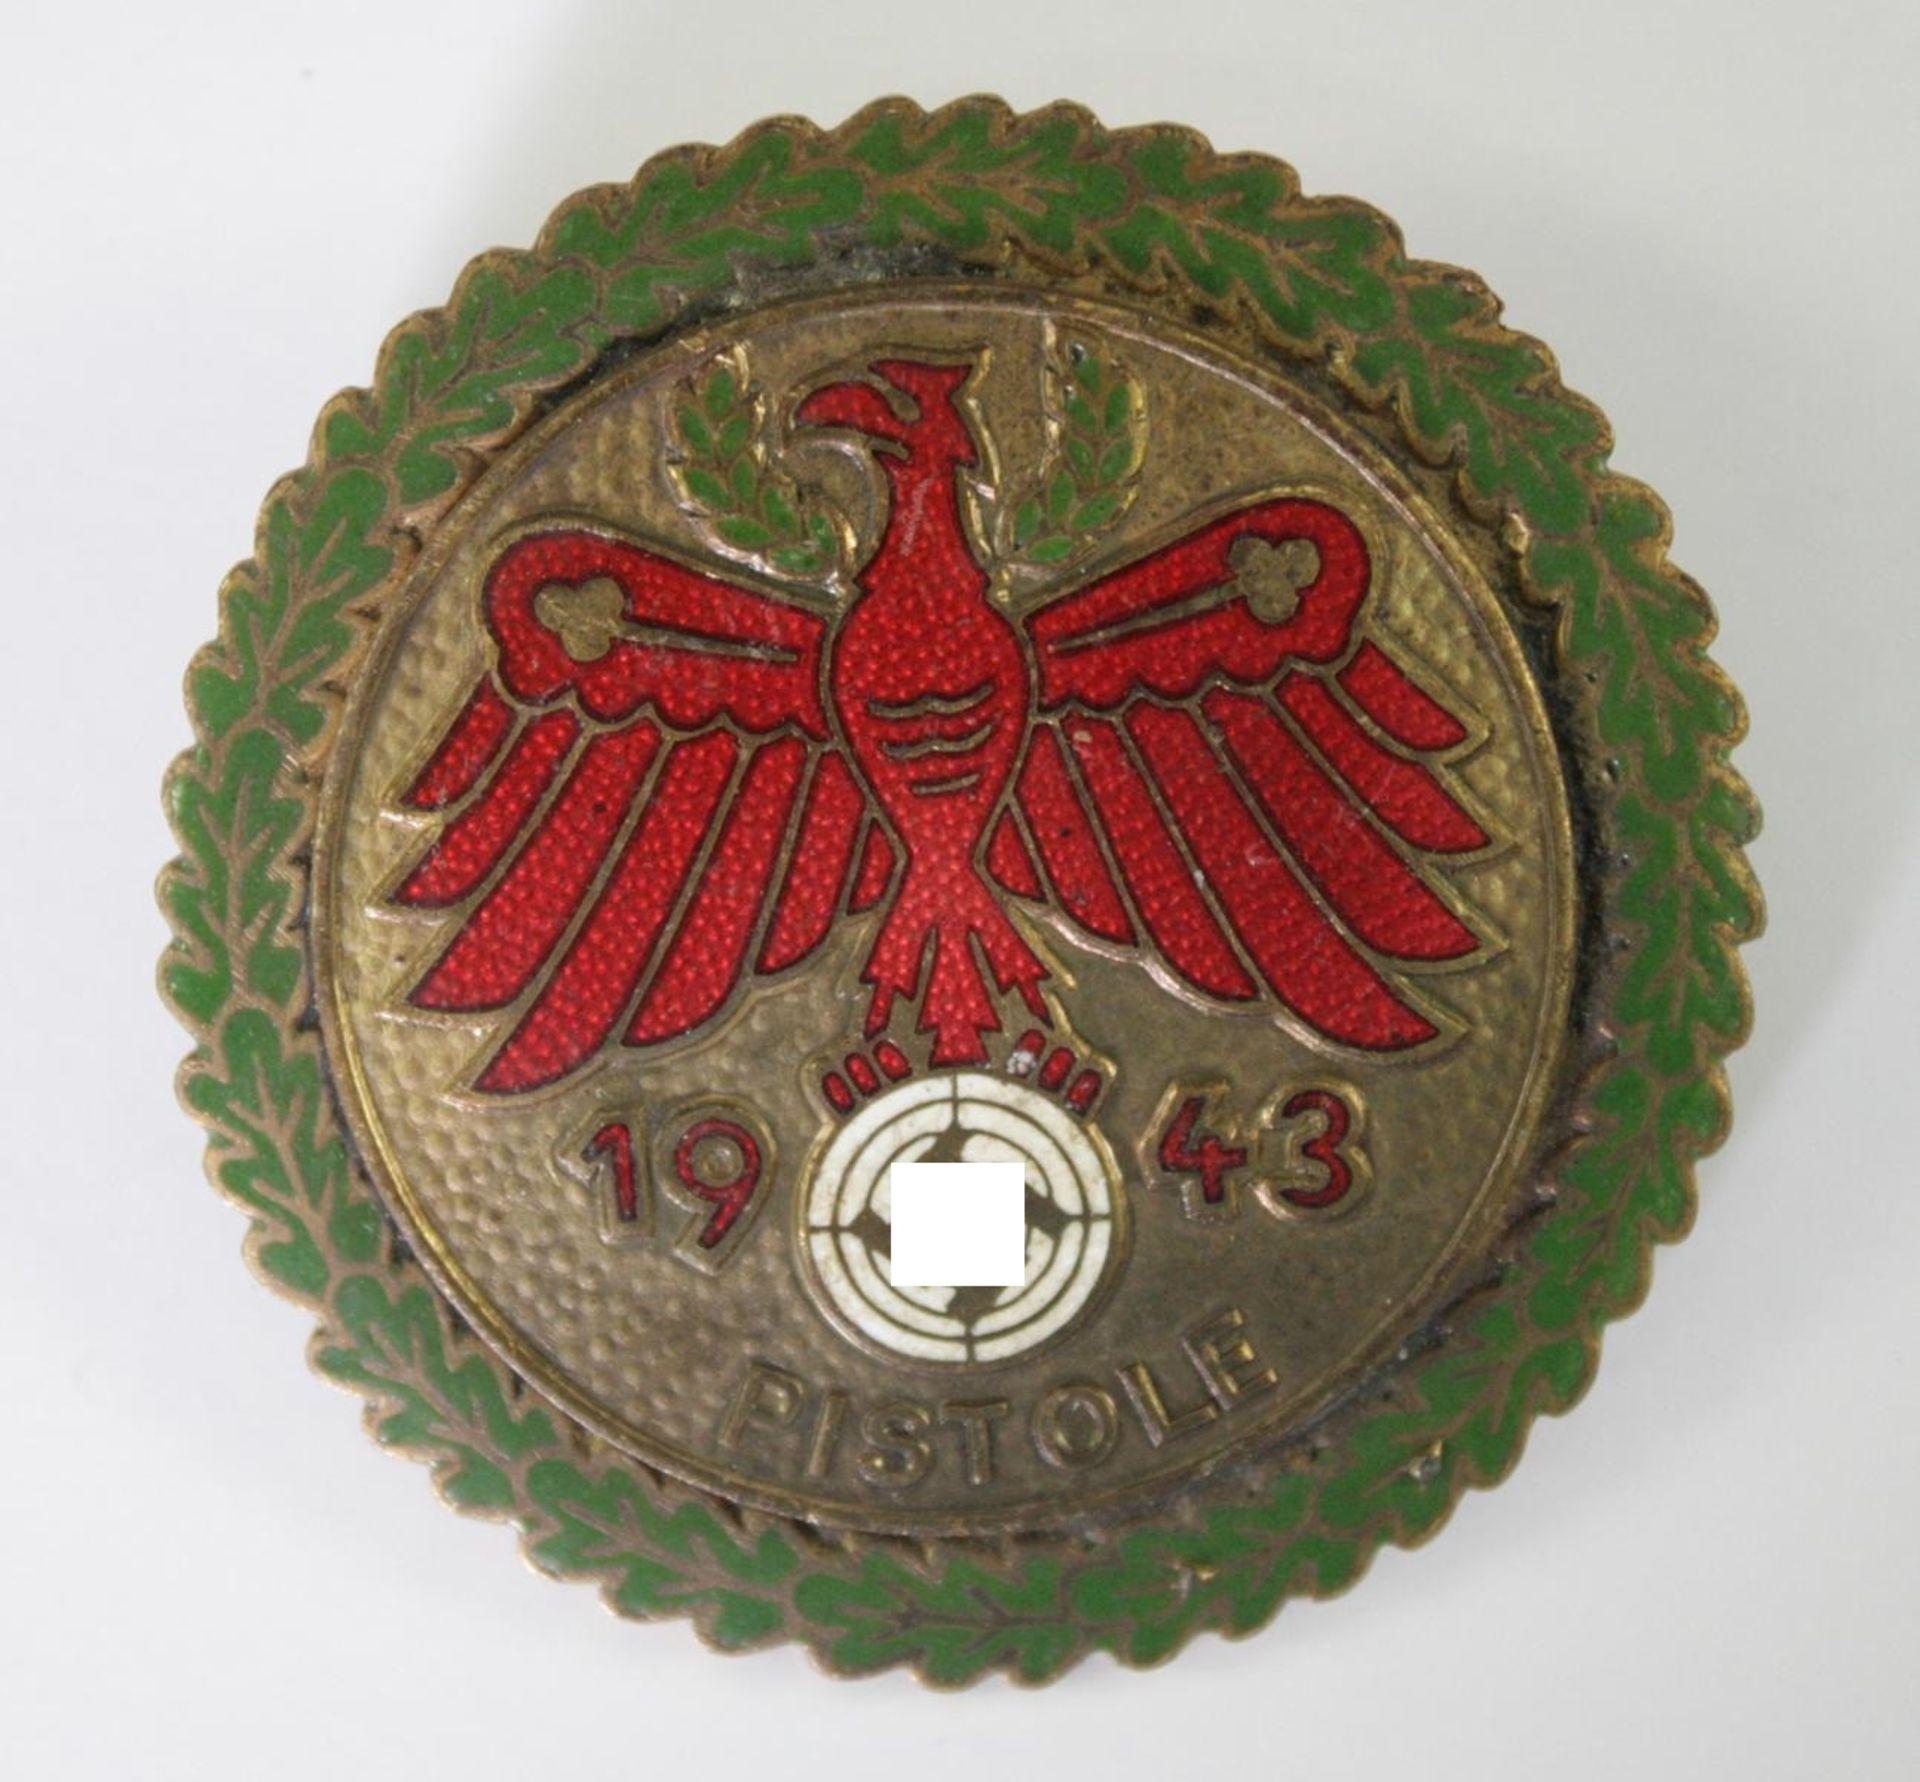 Standschützen, Schieß-Abzeichen Tirol 1943 für Pistole